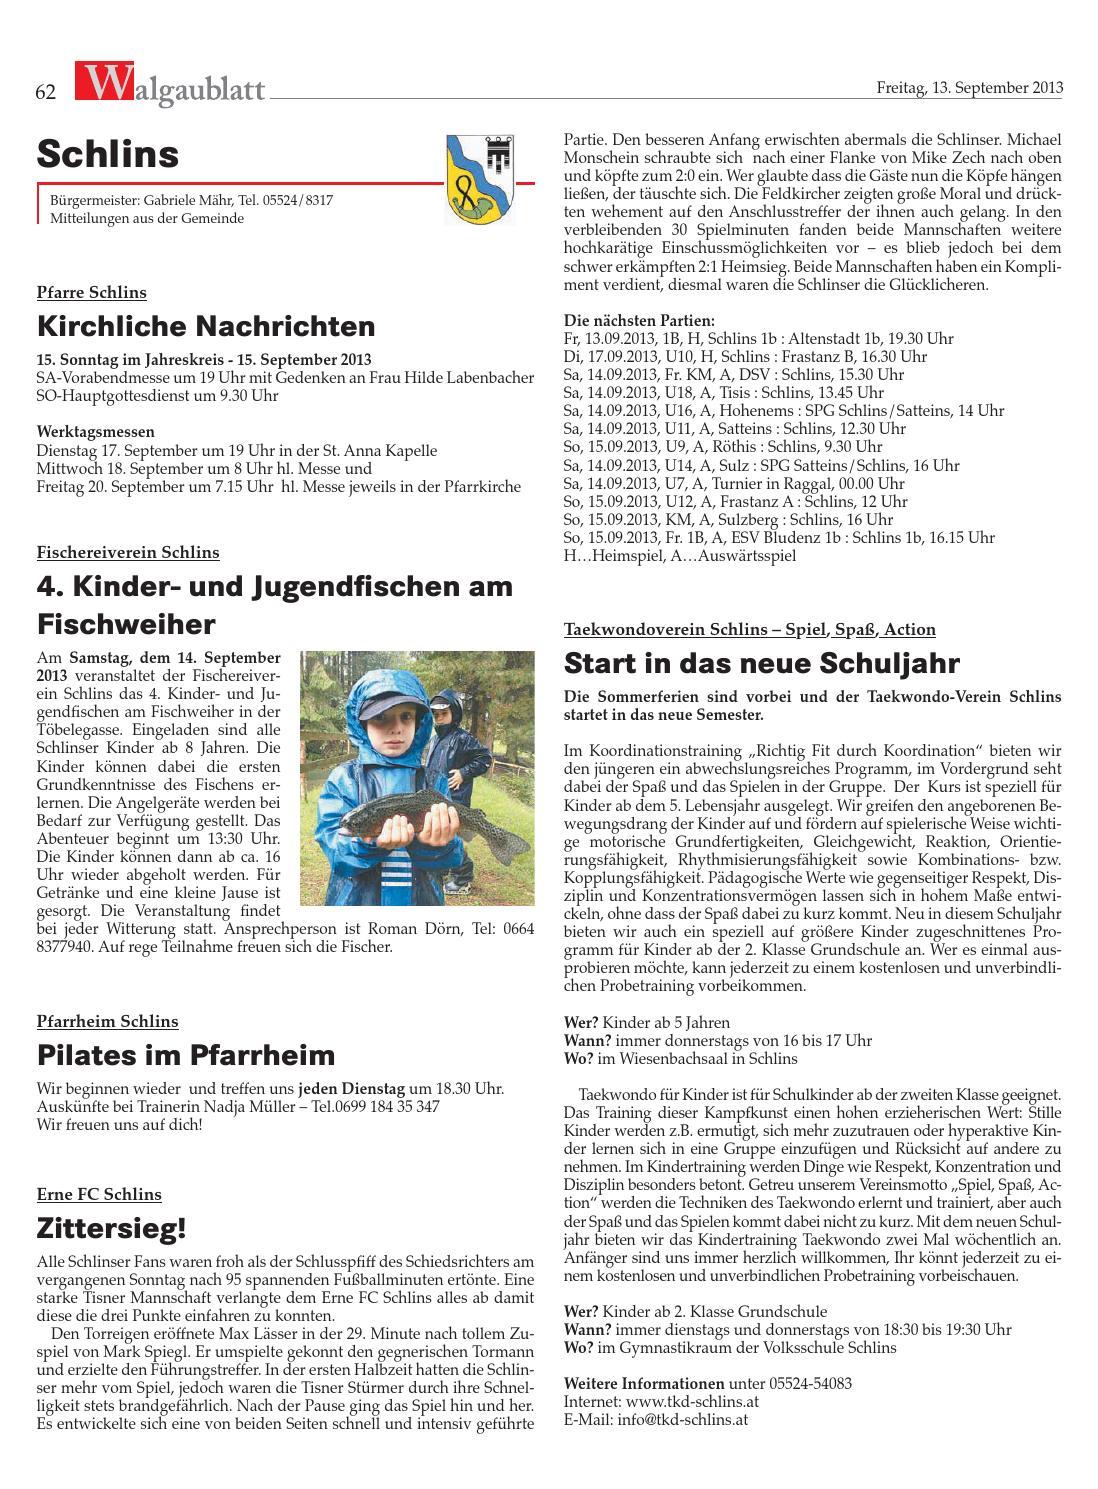 Vergangene Veranstaltungen Seite 34 JKA Walgau